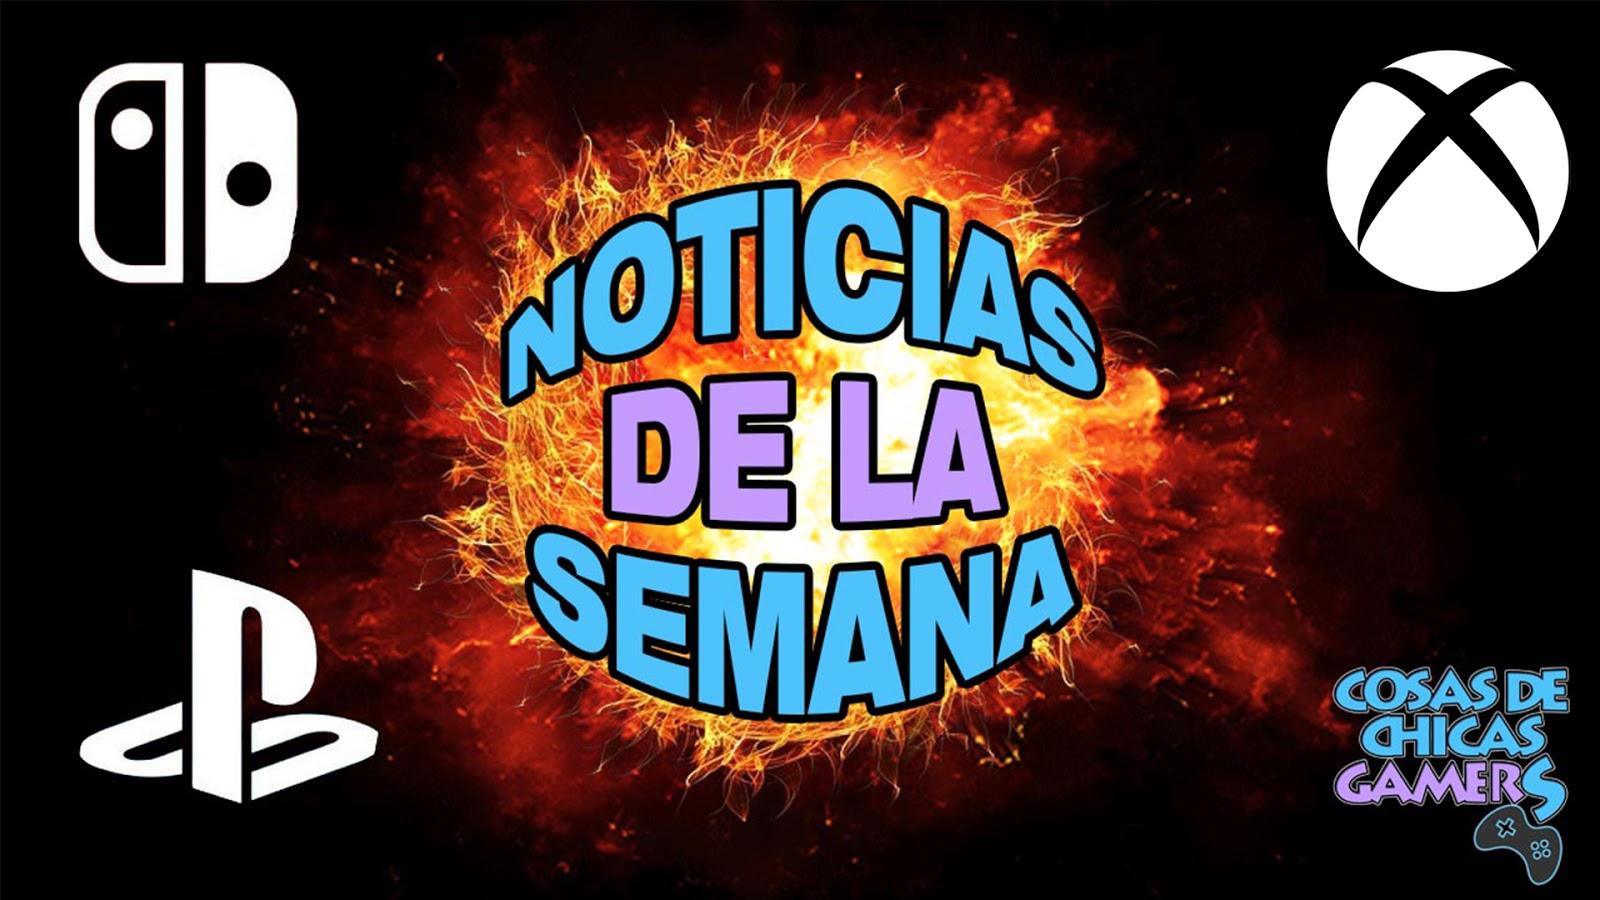 NOTICIAS DE LA SEMANA (22/03/2020)